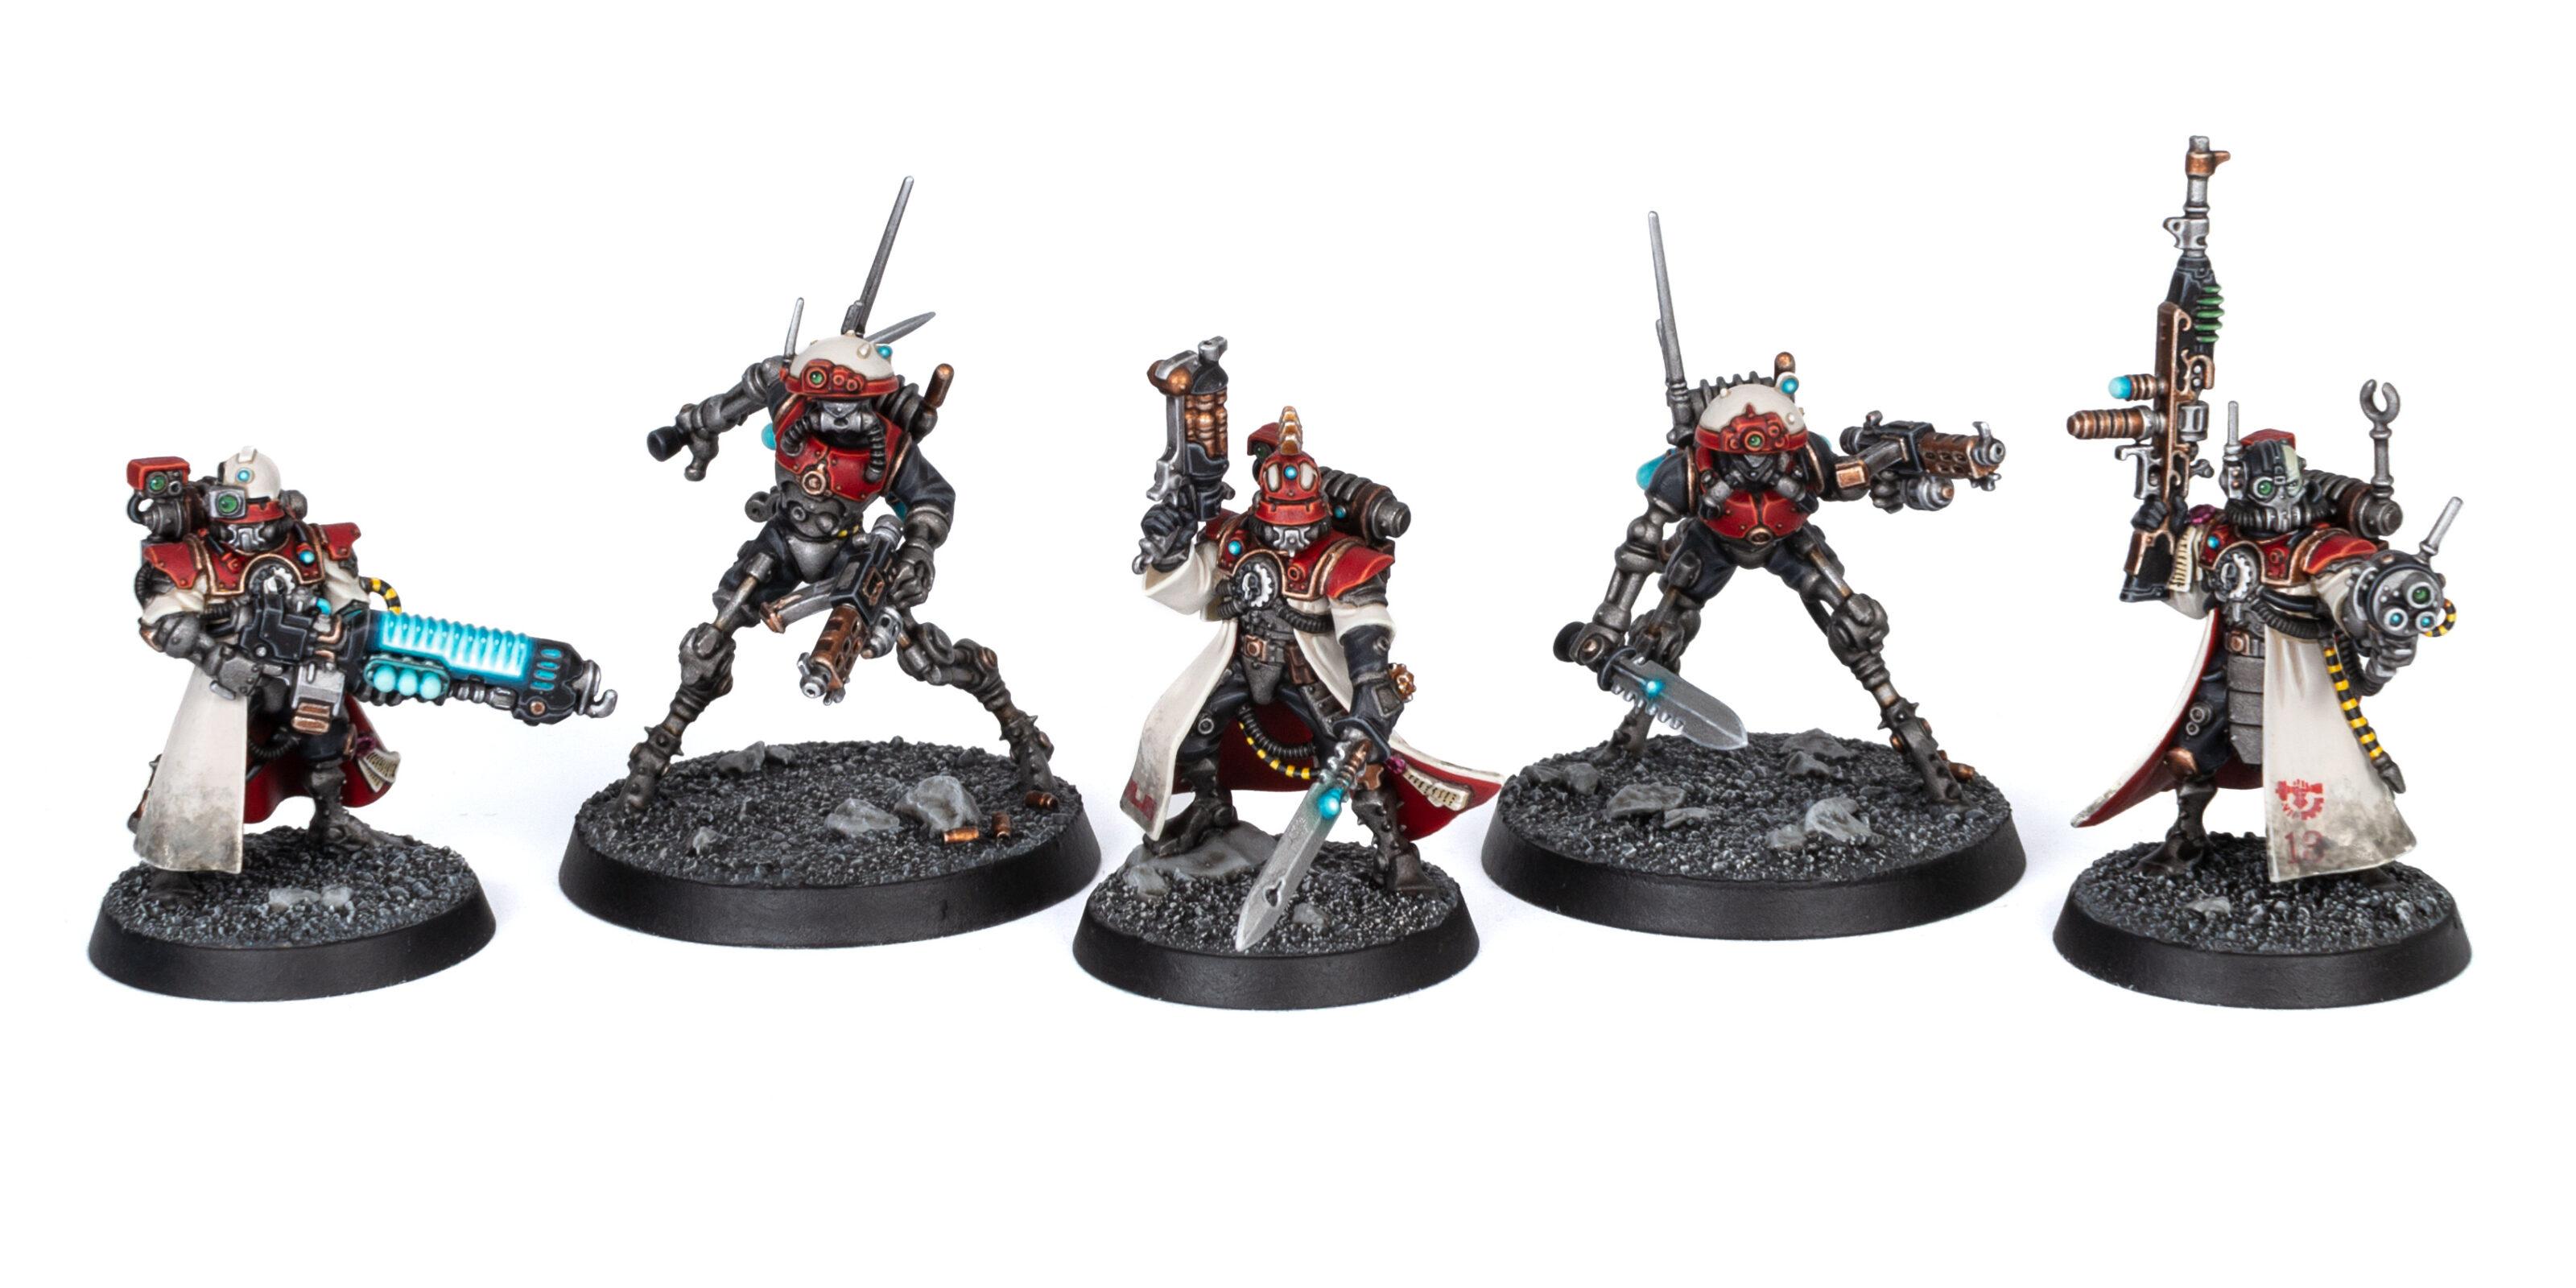 Adeptus Mechanicus Kill Team Skitarii and Sicarian Infiltrators